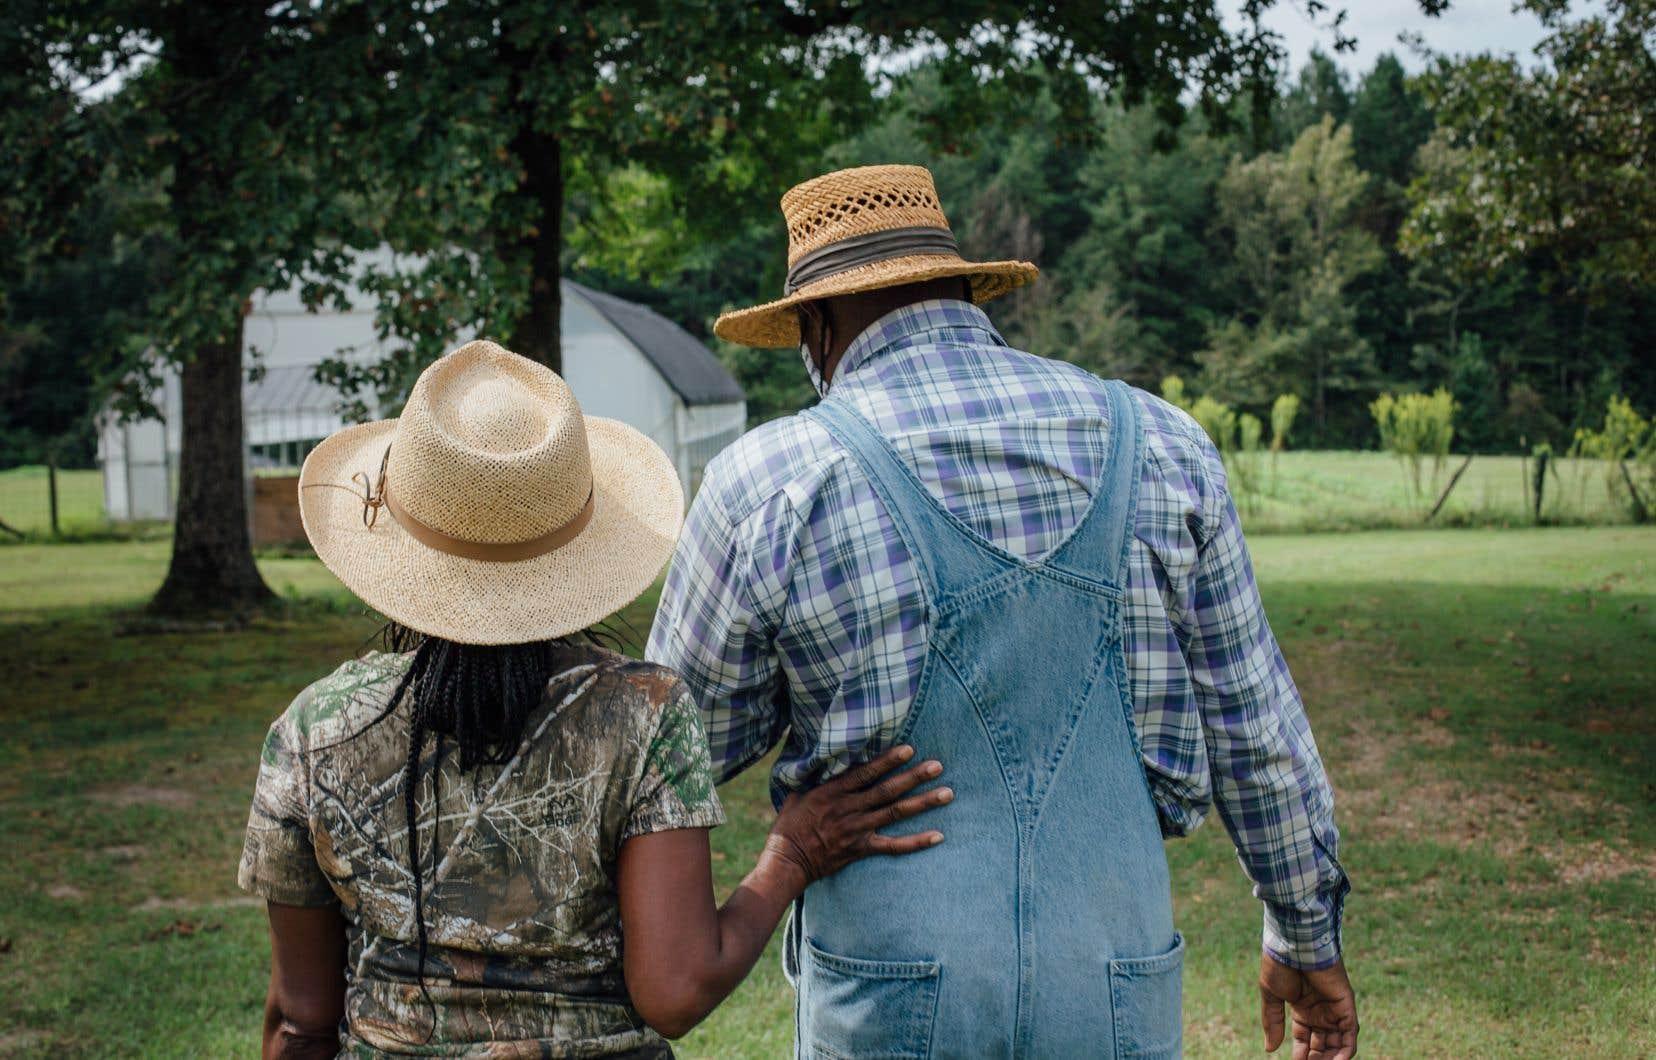 Le Mississippi présente aujourd'hui la plus forte proportion de fermiers afro-américains, avec 13% de propriétaires producteurs, selon le plus récent recensement agricole. Sur la photo, la ferme de Teresa Ervin-Spings et Kevin Springs.